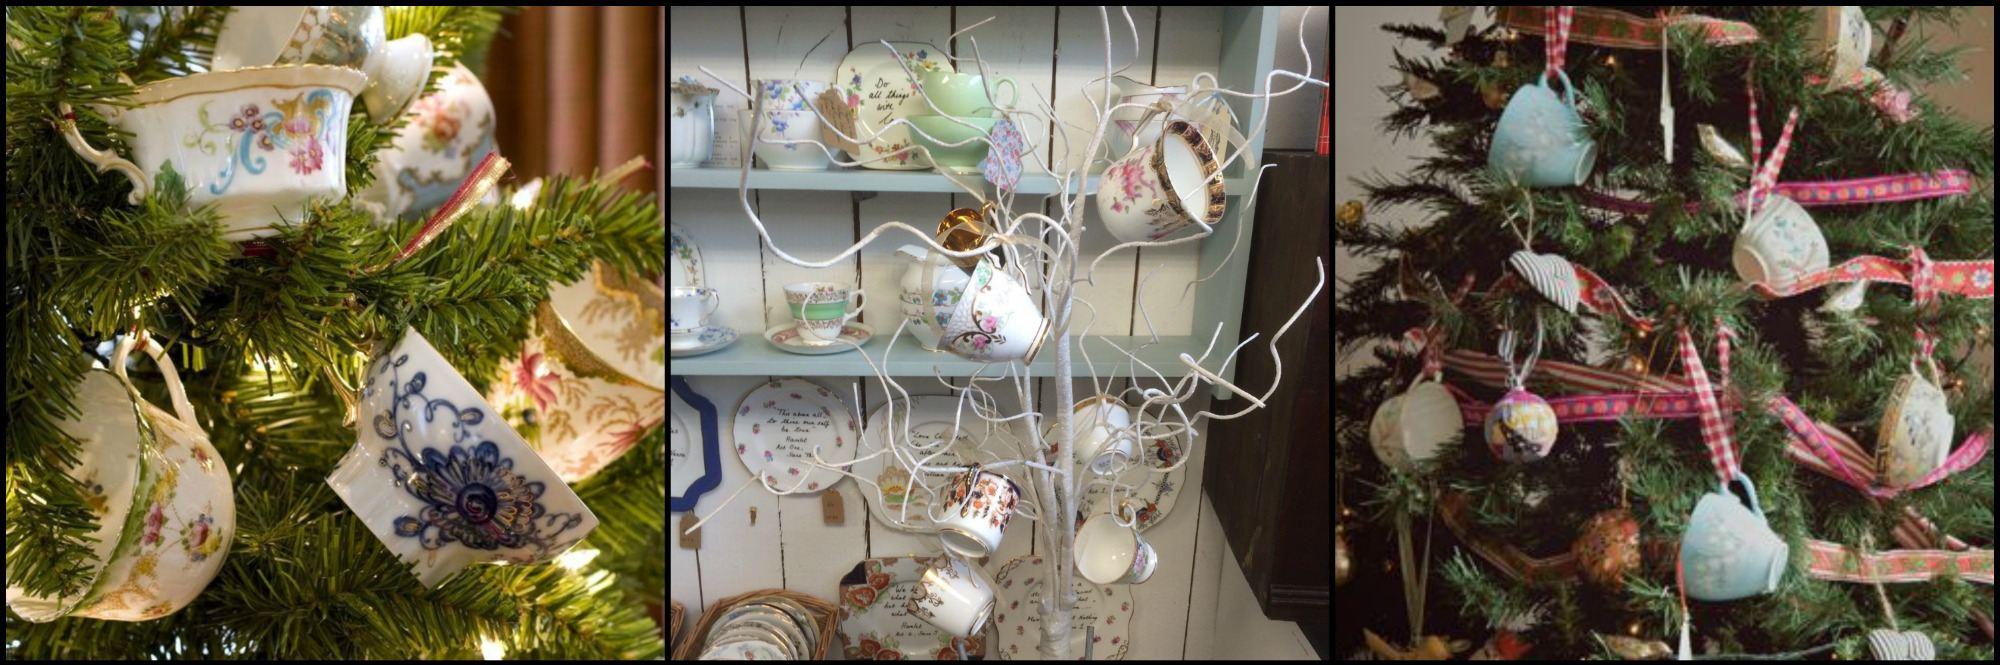 vintage teacups on tree